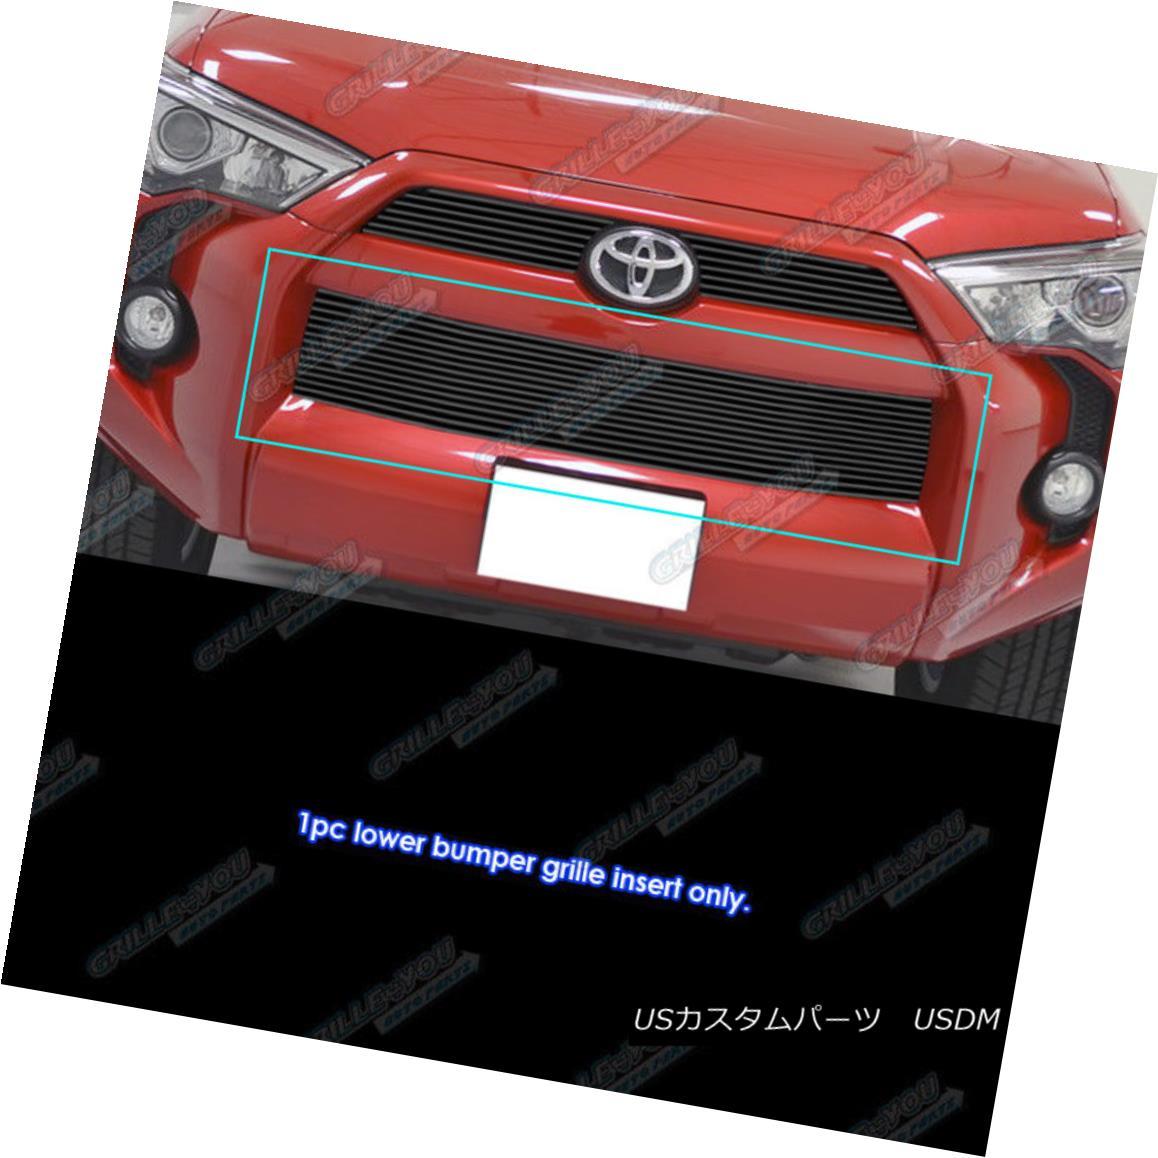 グリル Fits 2014-2018 Toyota 4Runner Regular Model Black Bumper Billet Grille Insert フィット2014-2018トヨタ4Runnerレギュラーモデルブラックバンパービレットグリルインサート